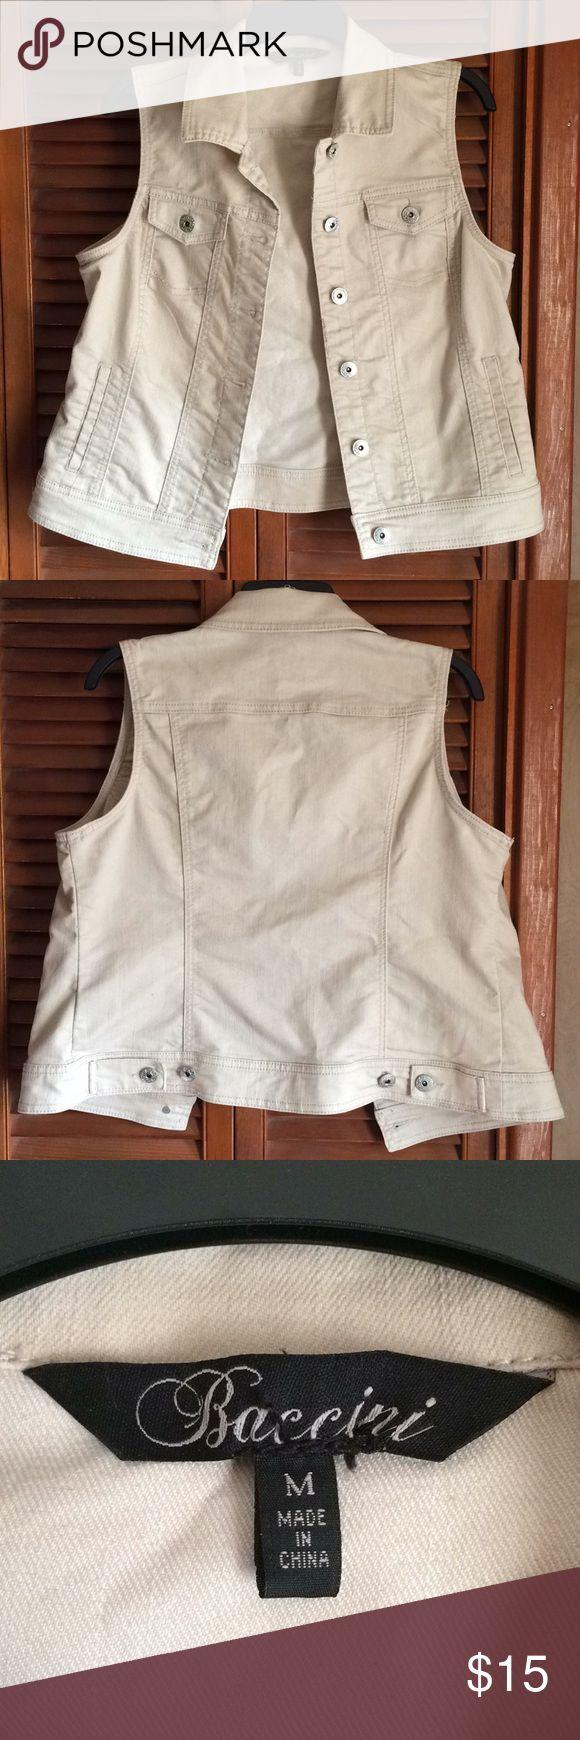 🔅 Sleeveless Denim Jacket Beige/white colored denim jacket! Baccini Jackets & Coats Jean Jackets